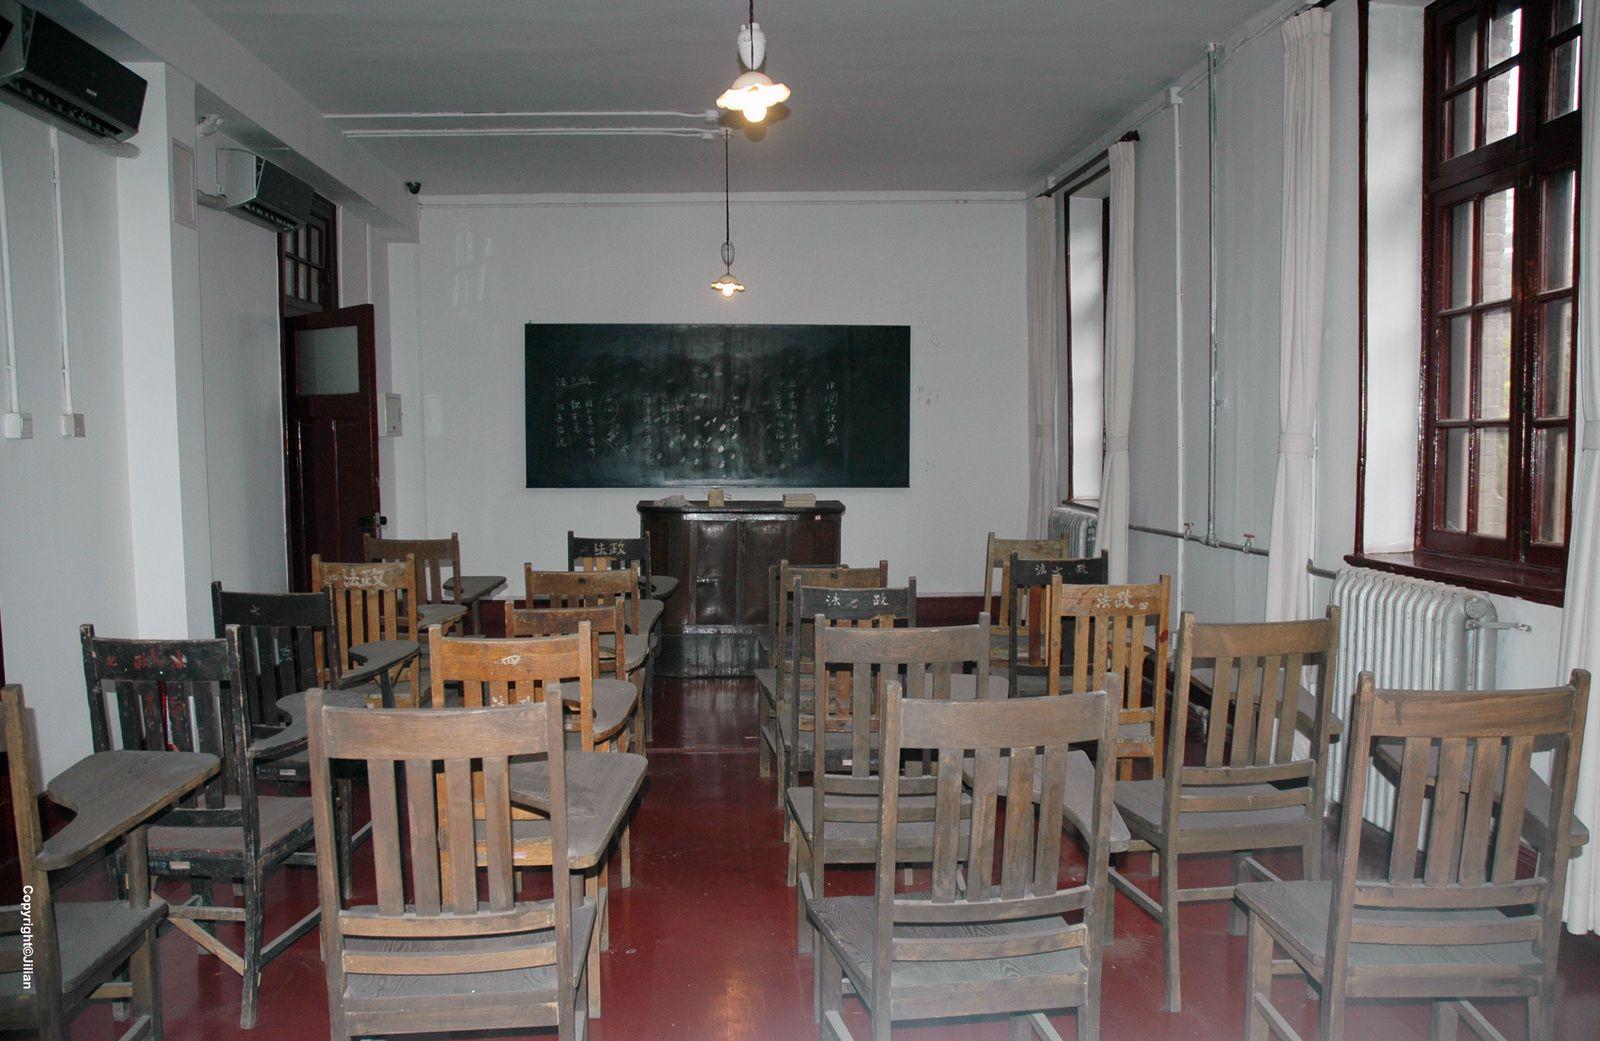 Une salle de classe reconstituée